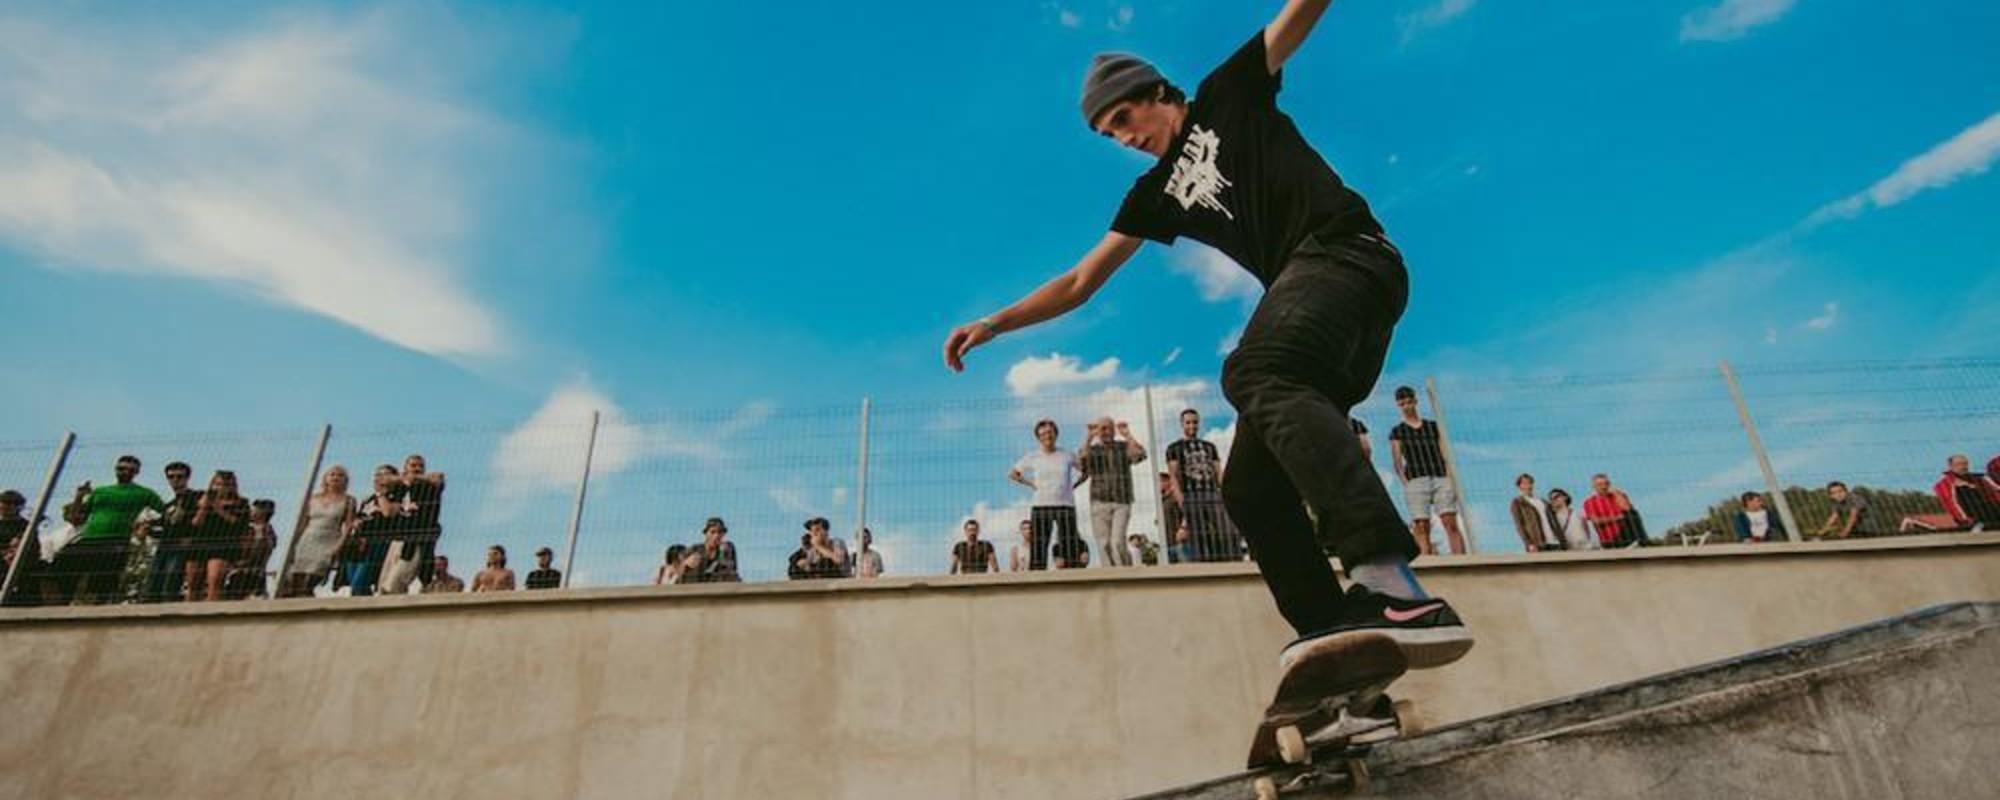 Am fost la inaugurarea primului skatepark din Baia Mare, pe care-l așteptam de zece ani